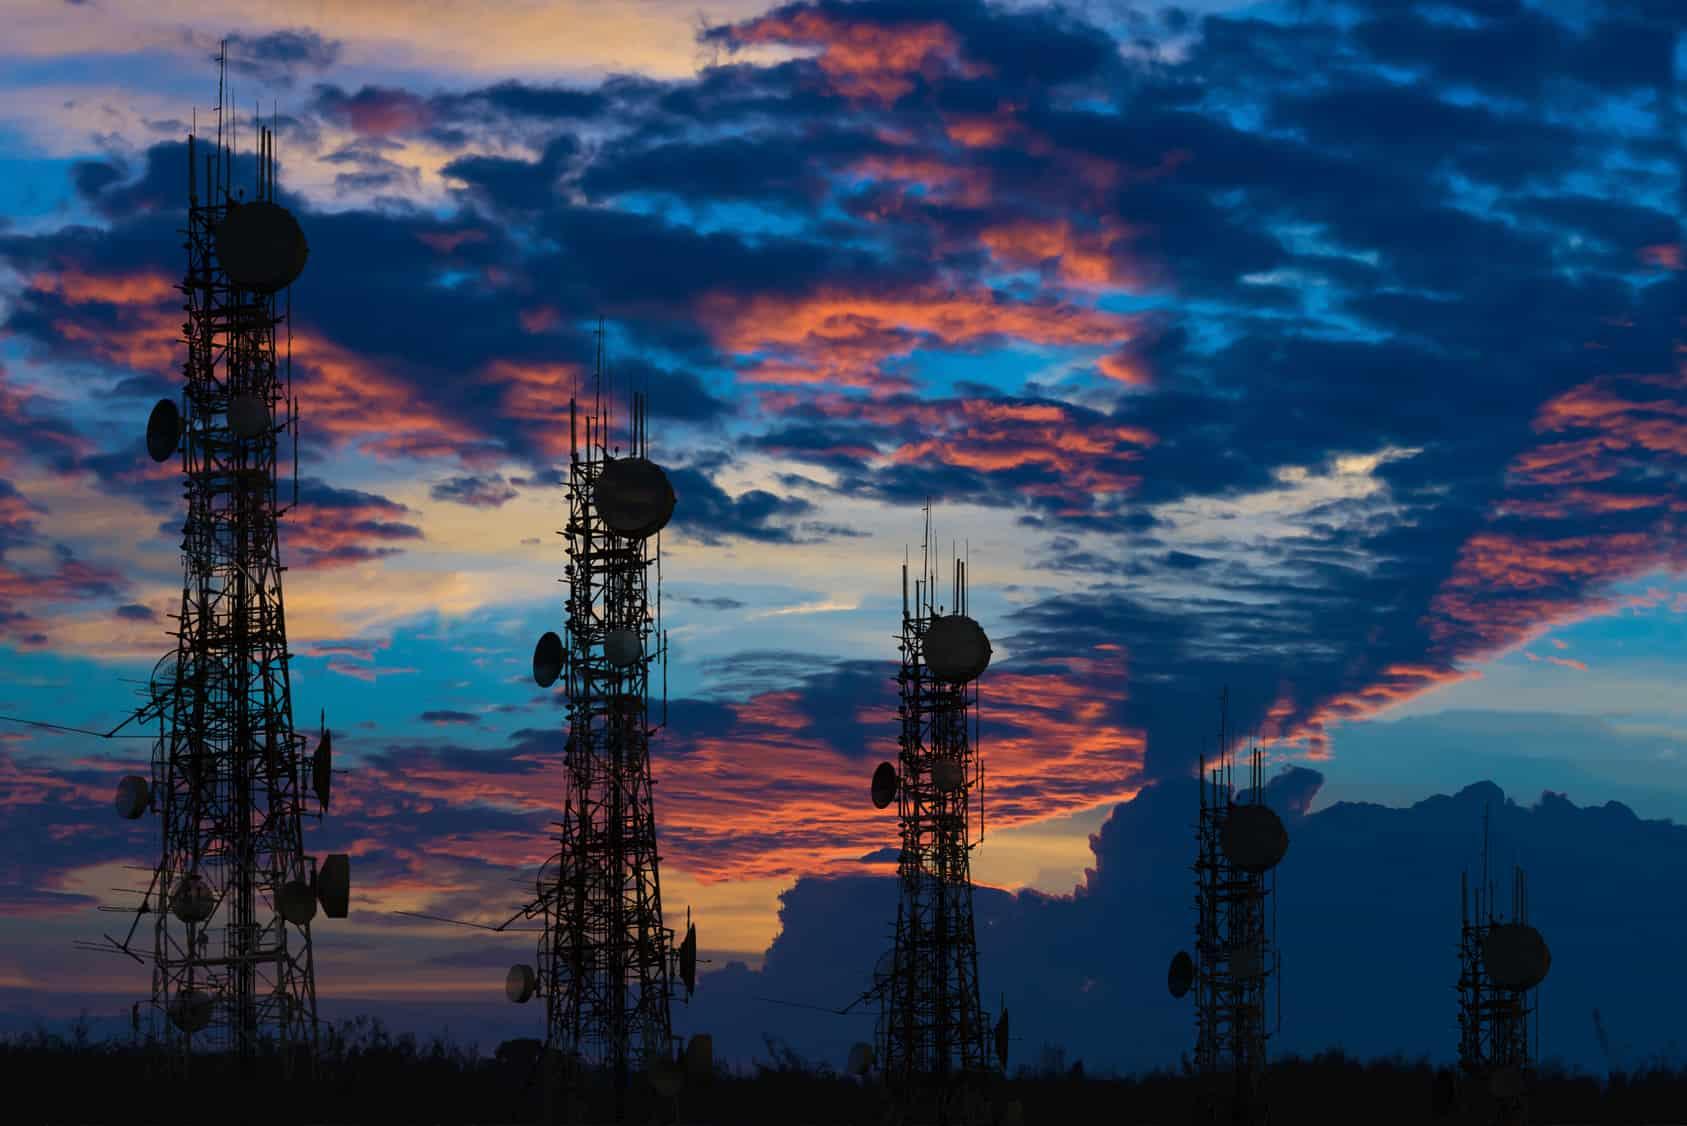 Es posible identificar cuatro gravámenes que constituyen las principales cargas tributarias de los concesionarios de espectro radioeléctrico.